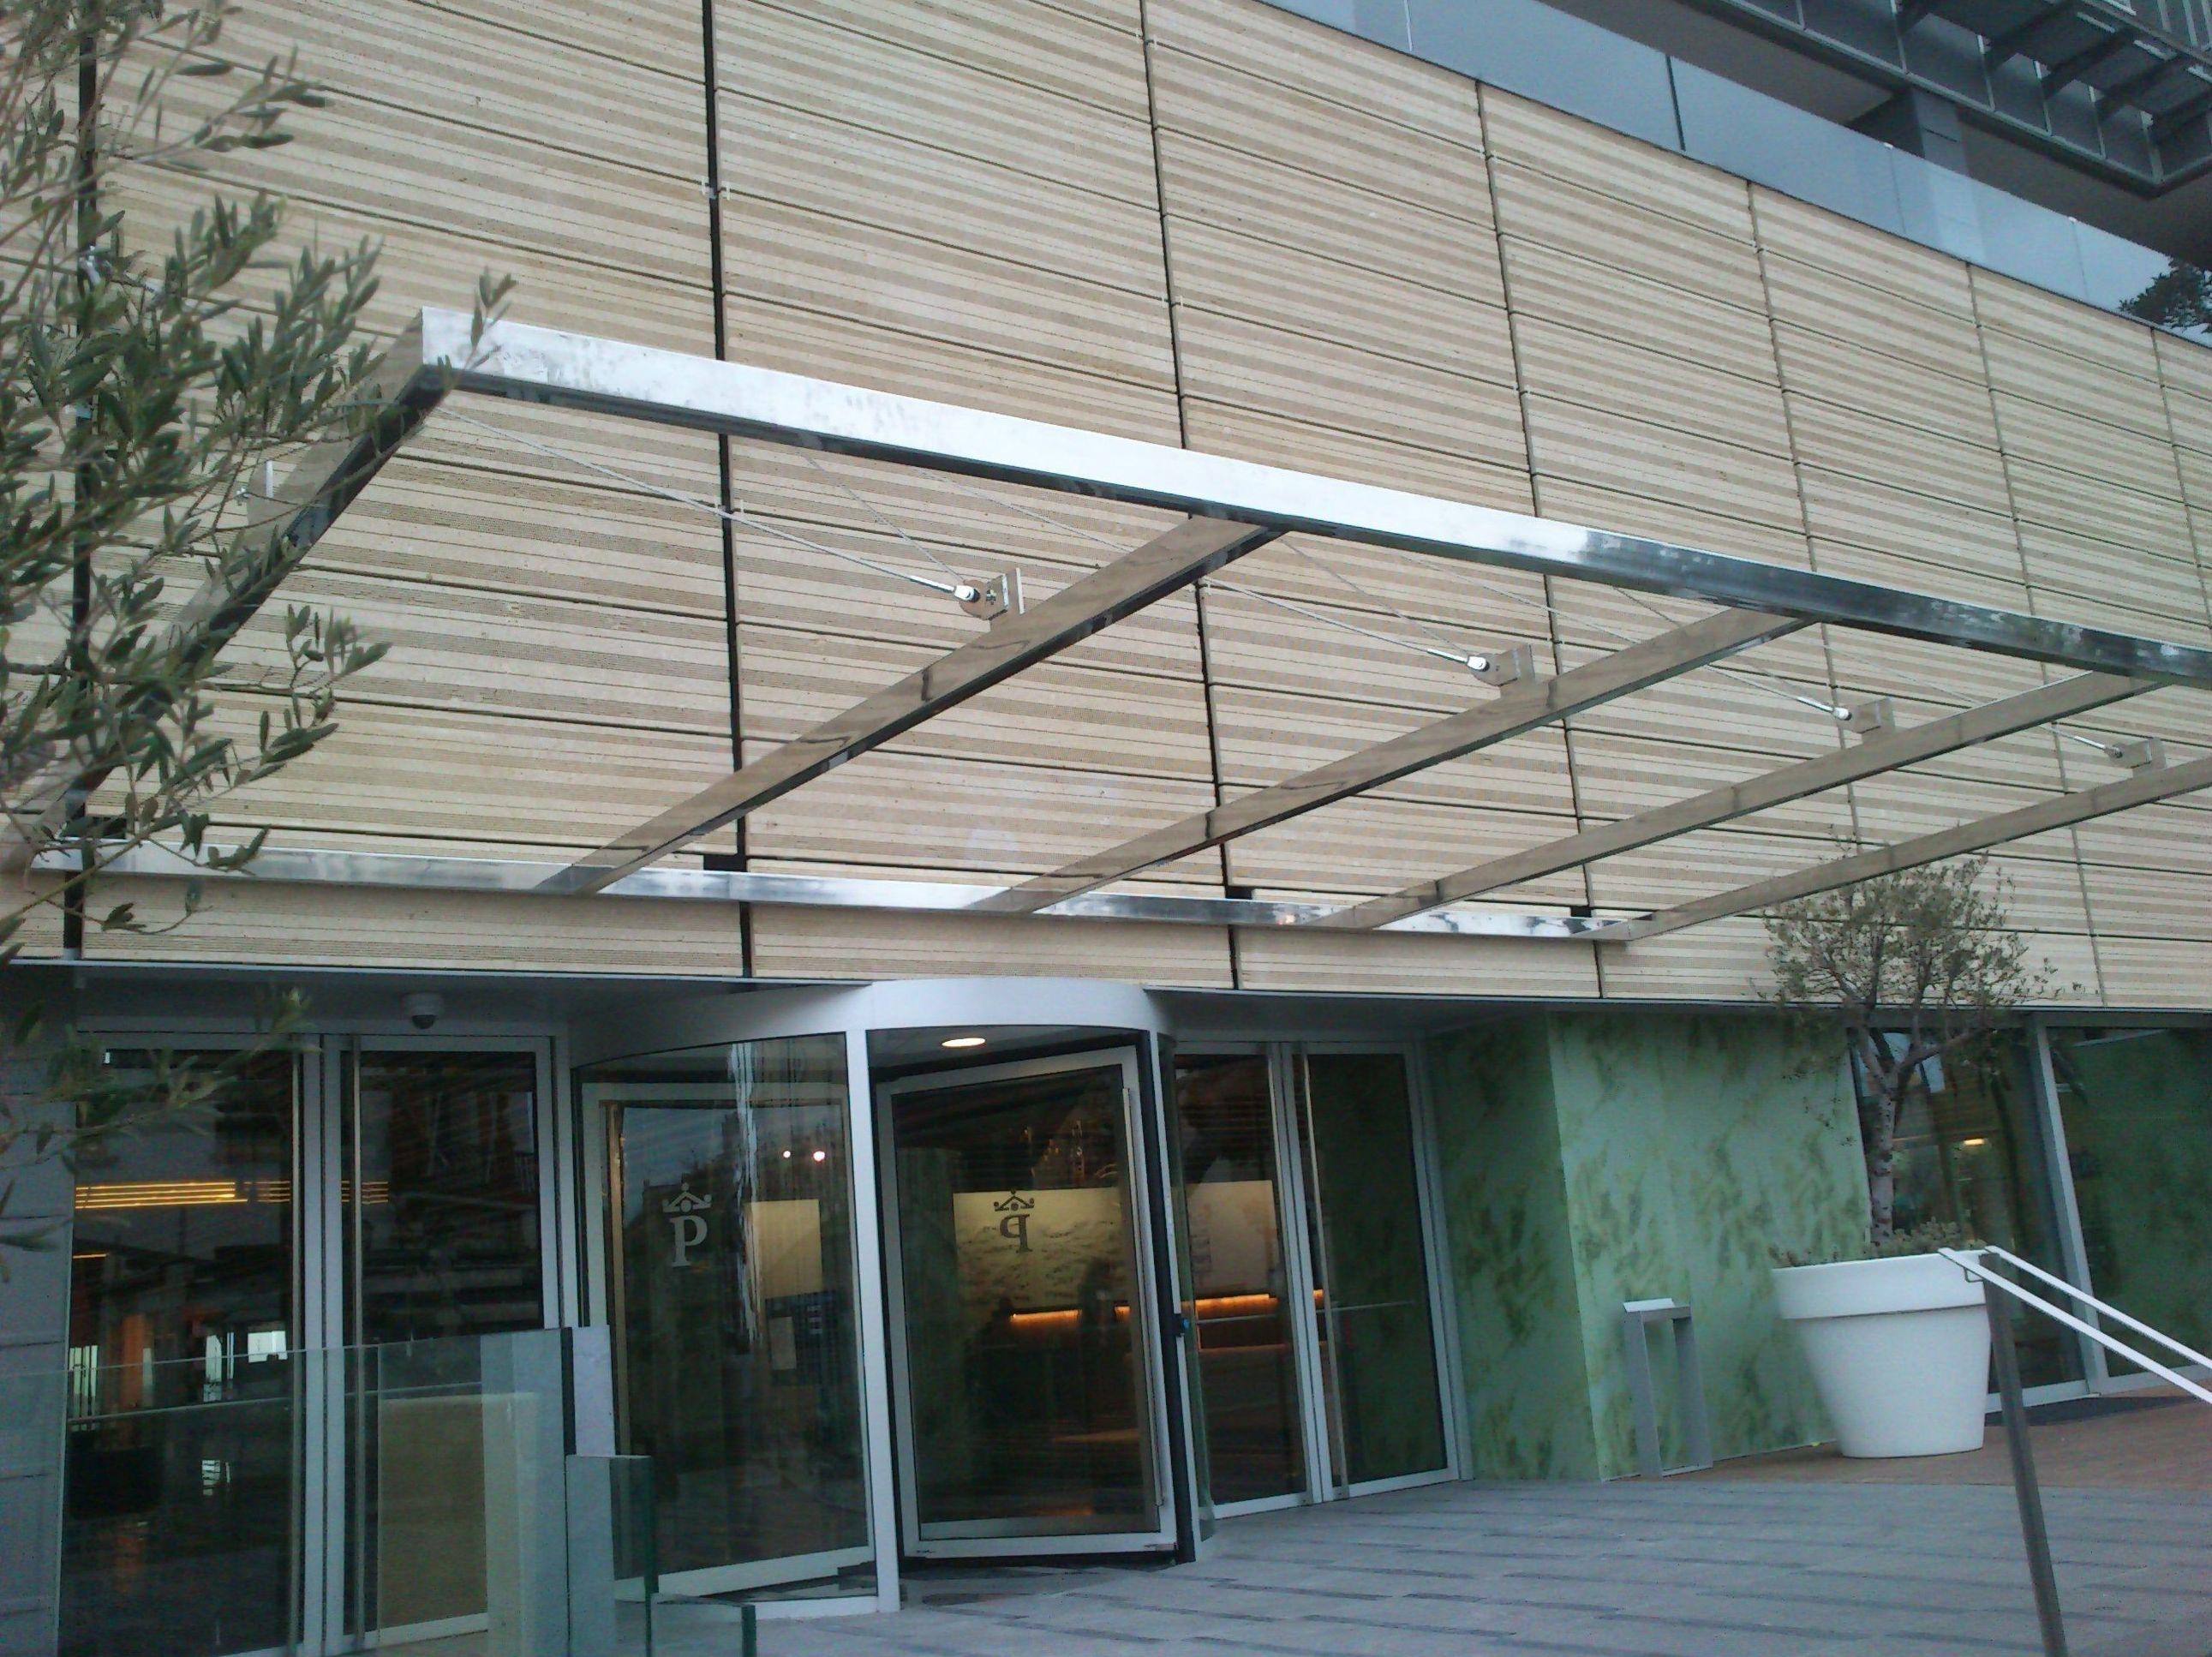 Foto 59 de Especialistas en diseños y proyectos en acero inoxidable en Alcalá de Guadaíra | Icminox